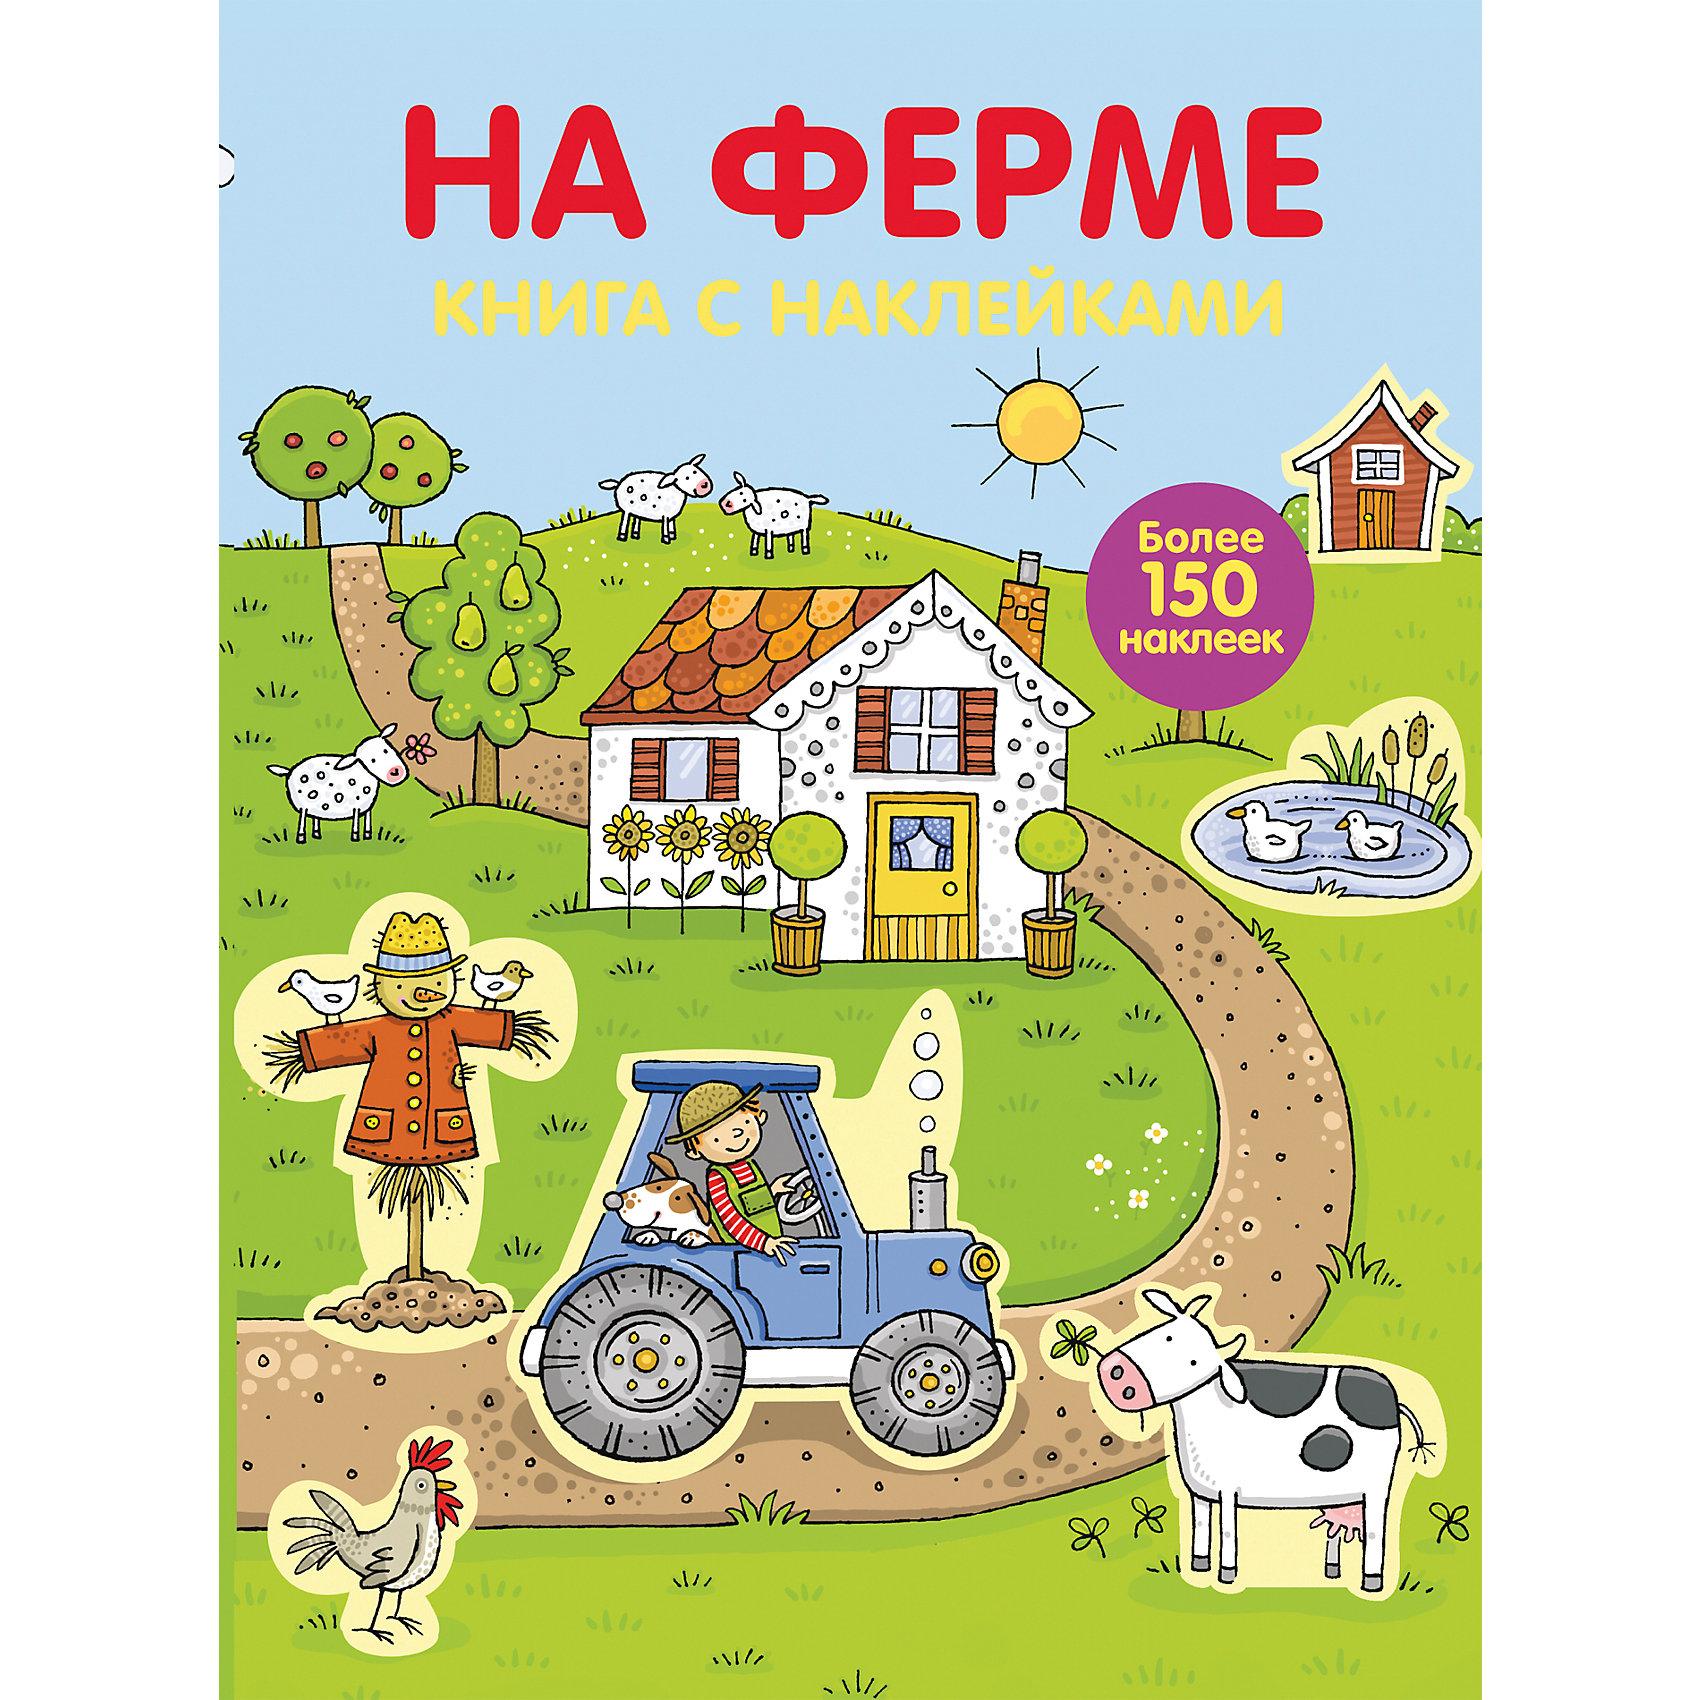 Книга с наклейками На фермеТворчество для малышей<br>Сто наклеек и веселые задания  надолго увлекут малыша и познакомят его с животными, которые живут на ферме. <br><br>Дополнительная информация:<br><br>- Формат: 28х21 см.<br>- Переплет: мягкий.<br>- Иллюстрации: цветные.<br>- Количество страниц: 16 стр.<br>- Переводчик: Доронина Е. А.<br><br>Книгу с наклейками На ферме можно купить в нашем магазине.<br><br>Ширина мм: 290<br>Глубина мм: 217<br>Высота мм: 10<br>Вес г: 112<br>Возраст от месяцев: 48<br>Возраст до месяцев: 72<br>Пол: Унисекс<br>Возраст: Детский<br>SKU: 4047787